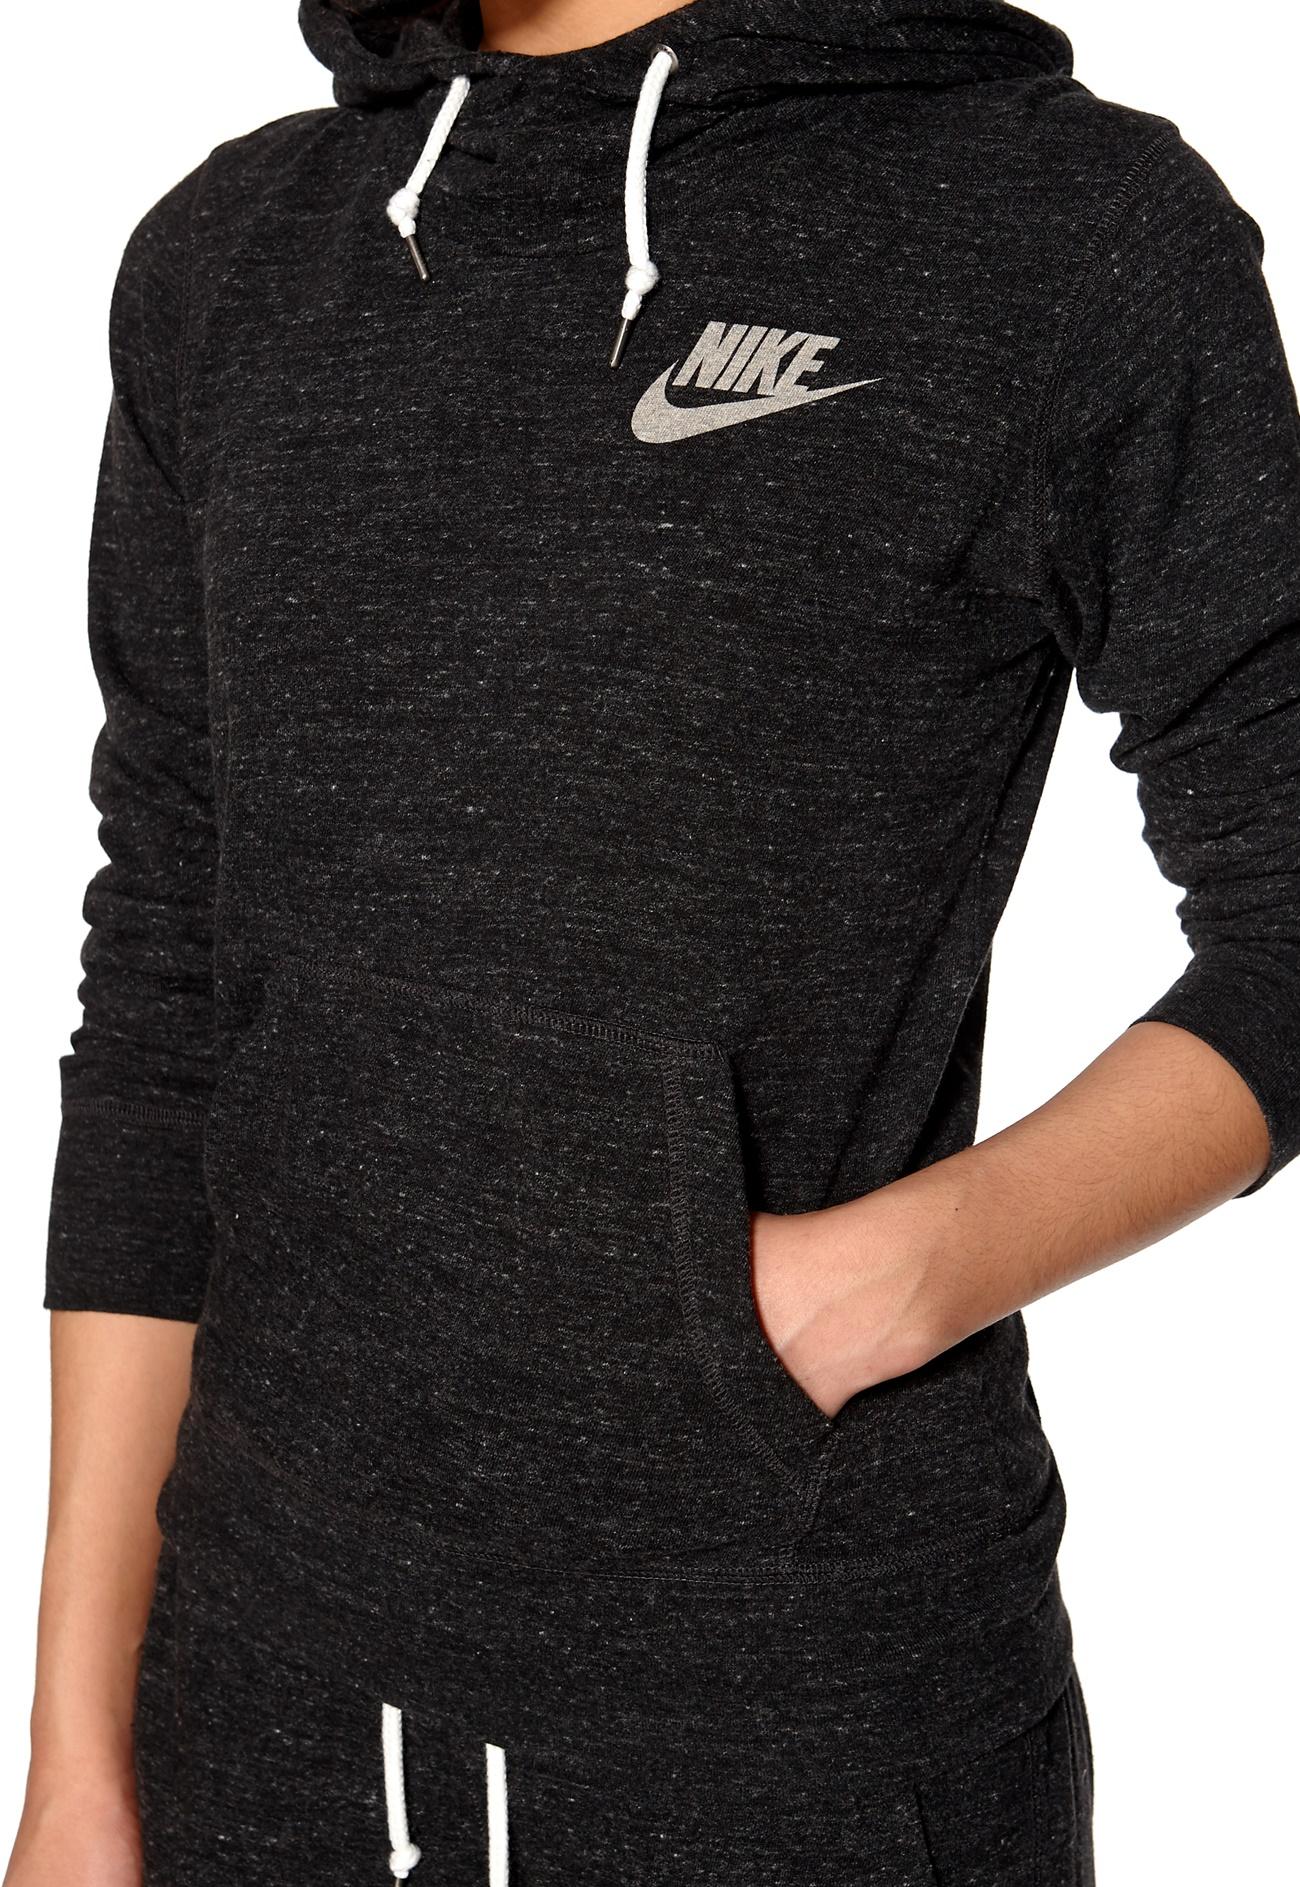 Nike Gym Vintage Pullover 010 Black - Bubbleroom